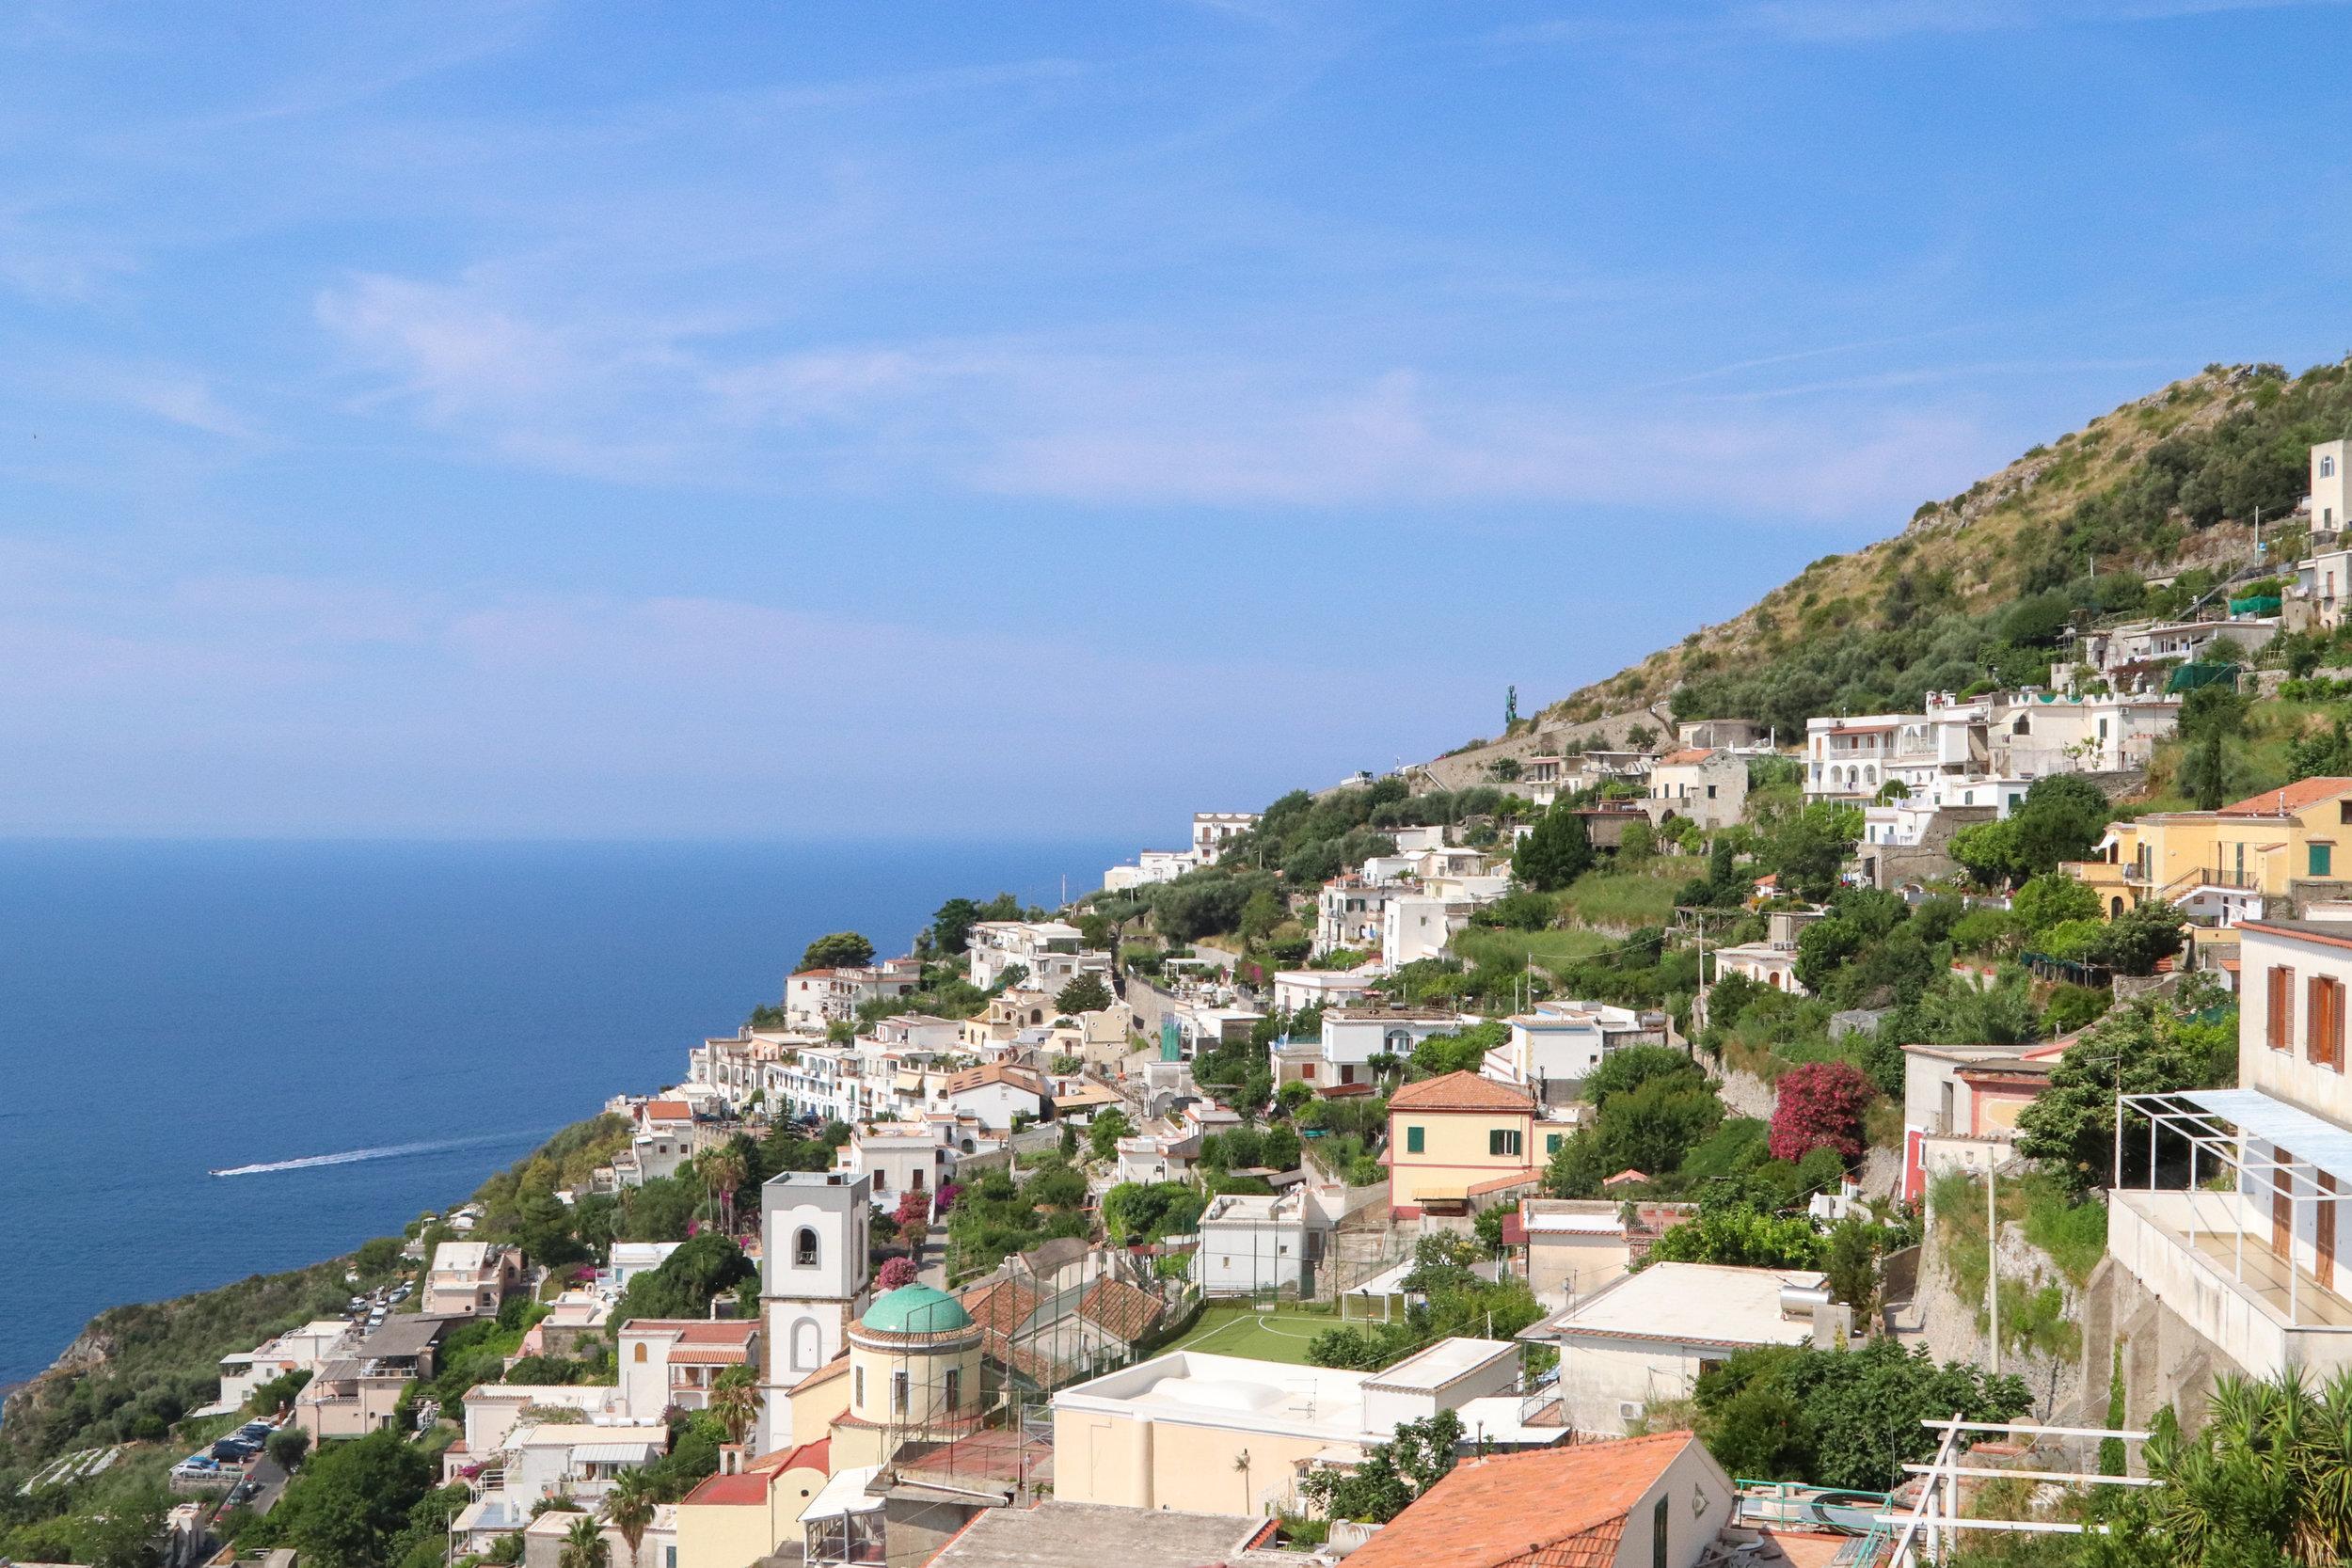 Praiano, Italy (non-touristy town on the Amalfi Coast)